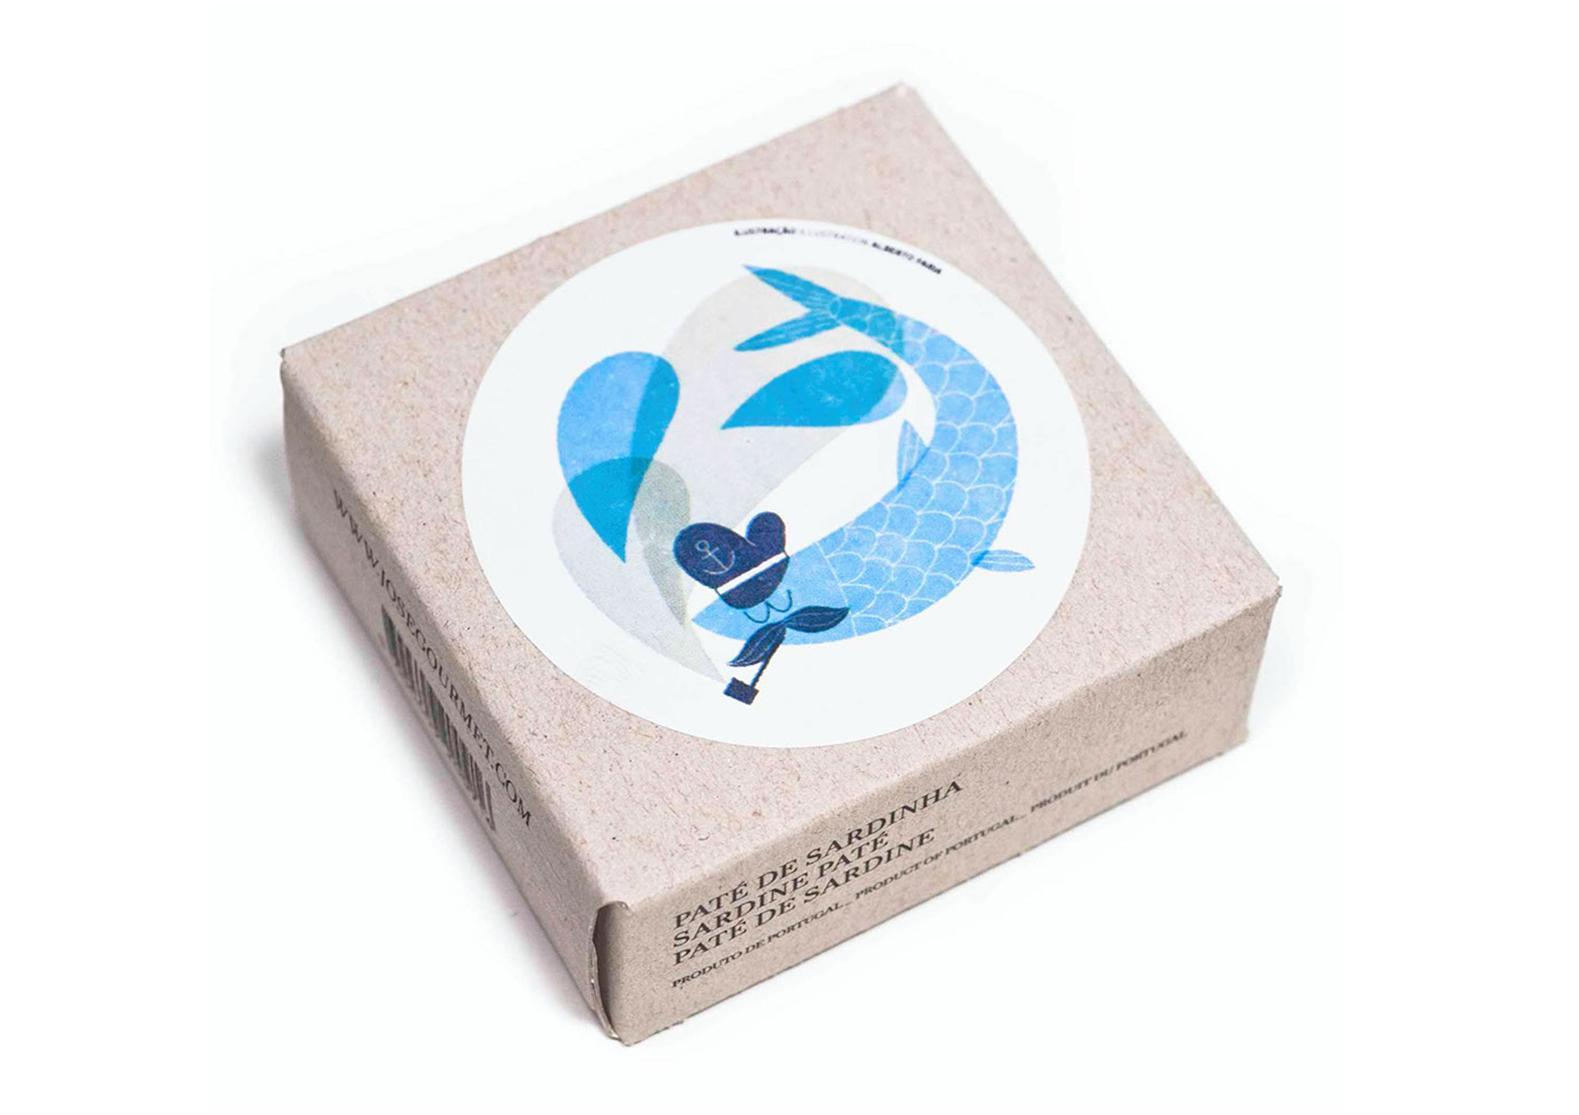 Rillettes de sardines - José Gourmet - Conserves de sardines du Portugal